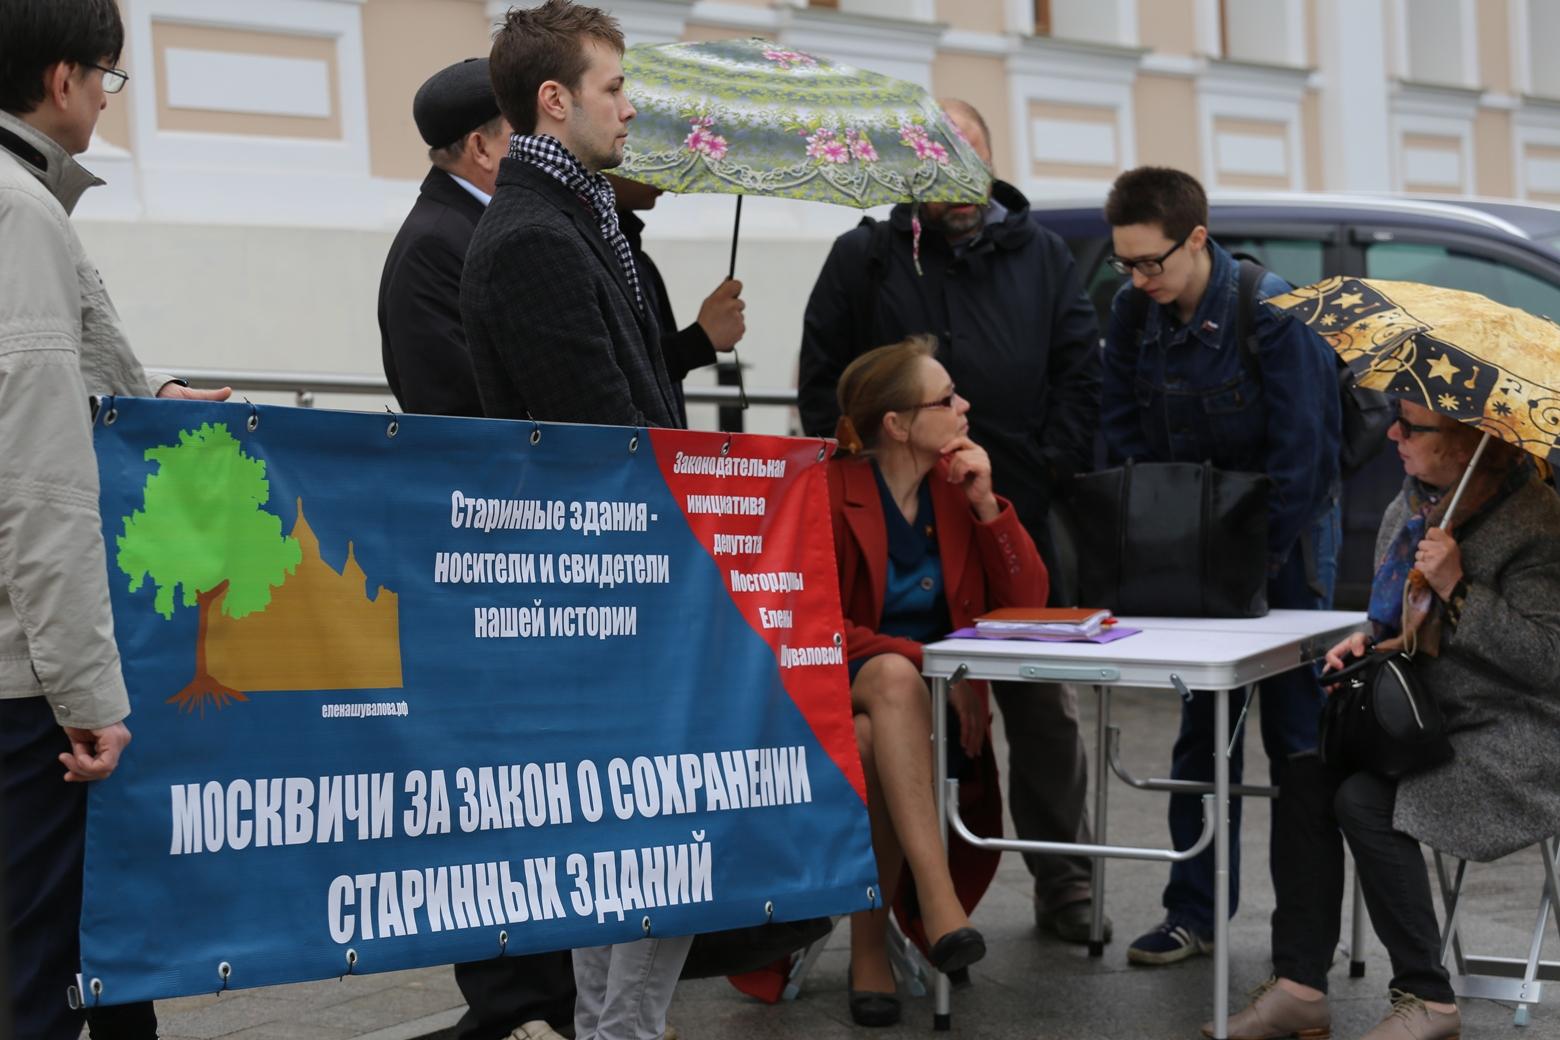 Елена Шувалова | Официальный сайт депутата Мосгордумы